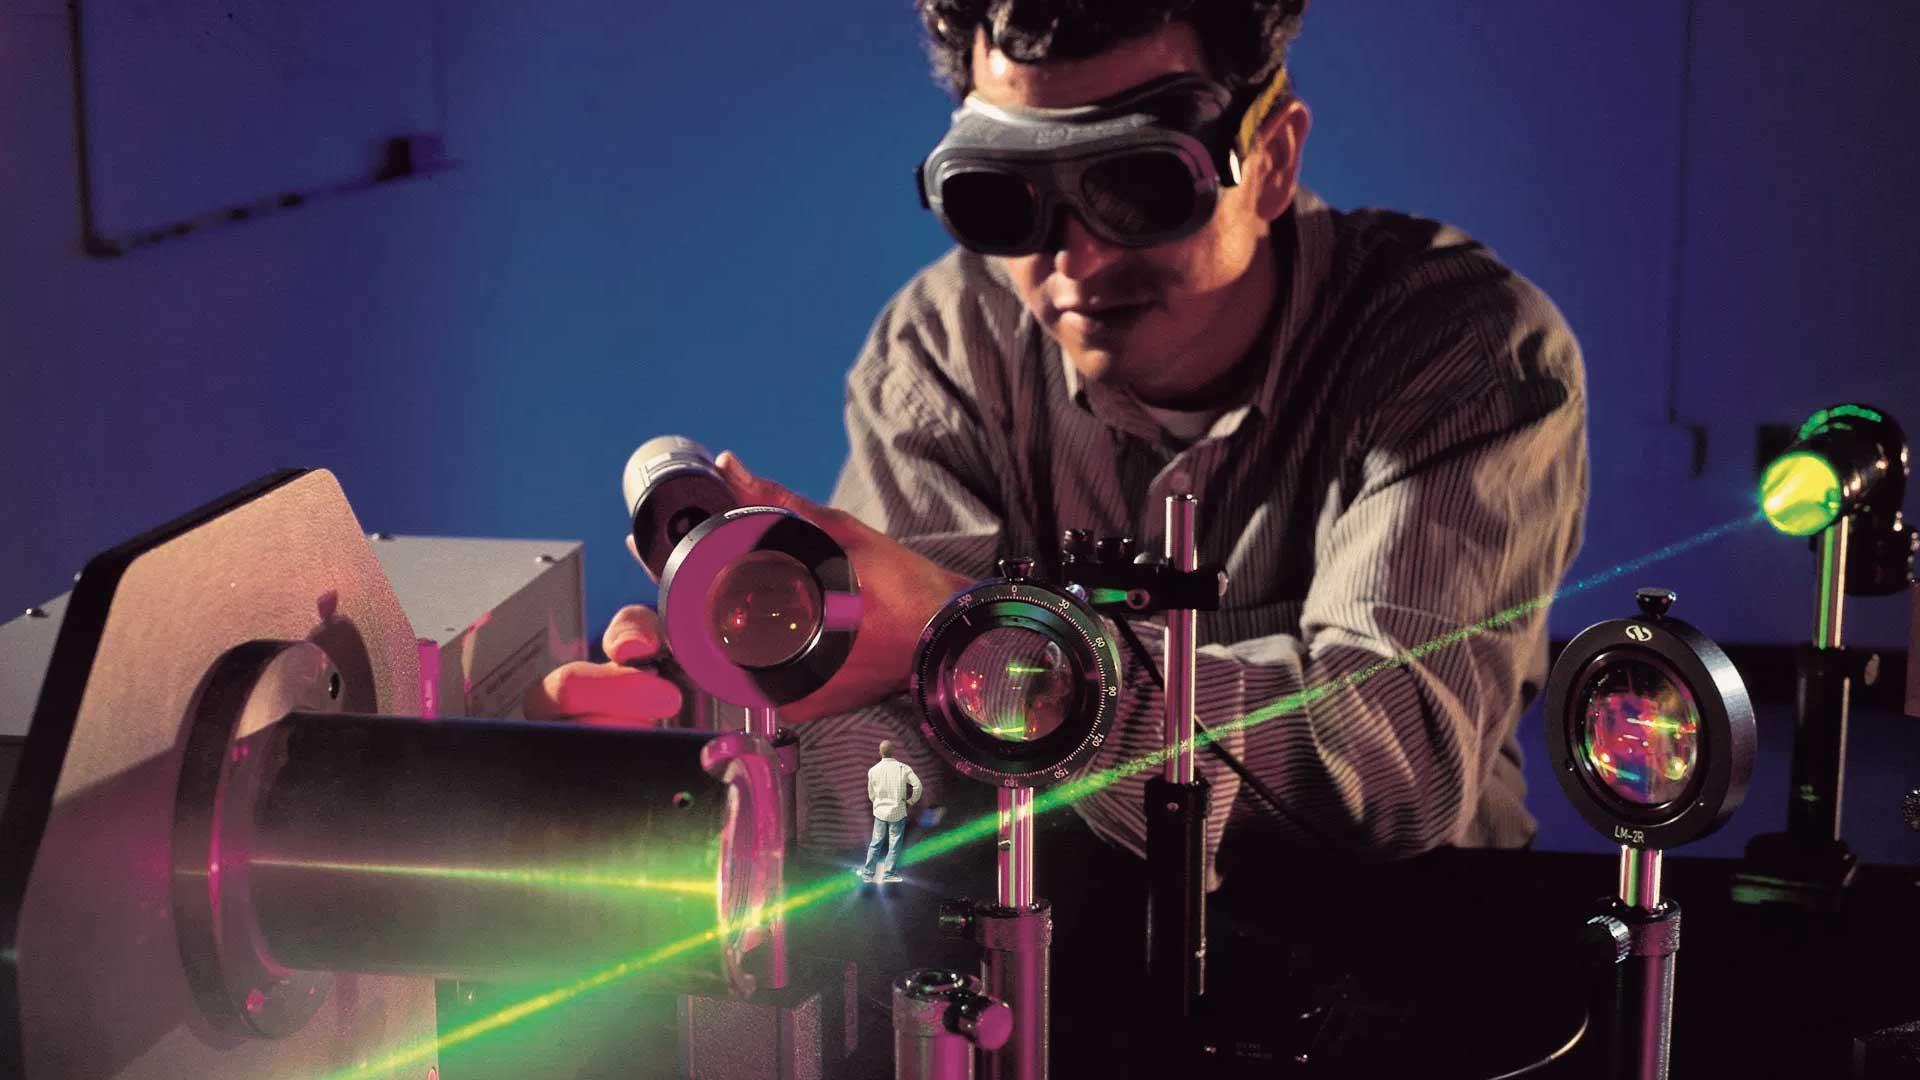 Científicos logran encoger objetos por primera vez en la historia de la humanidad